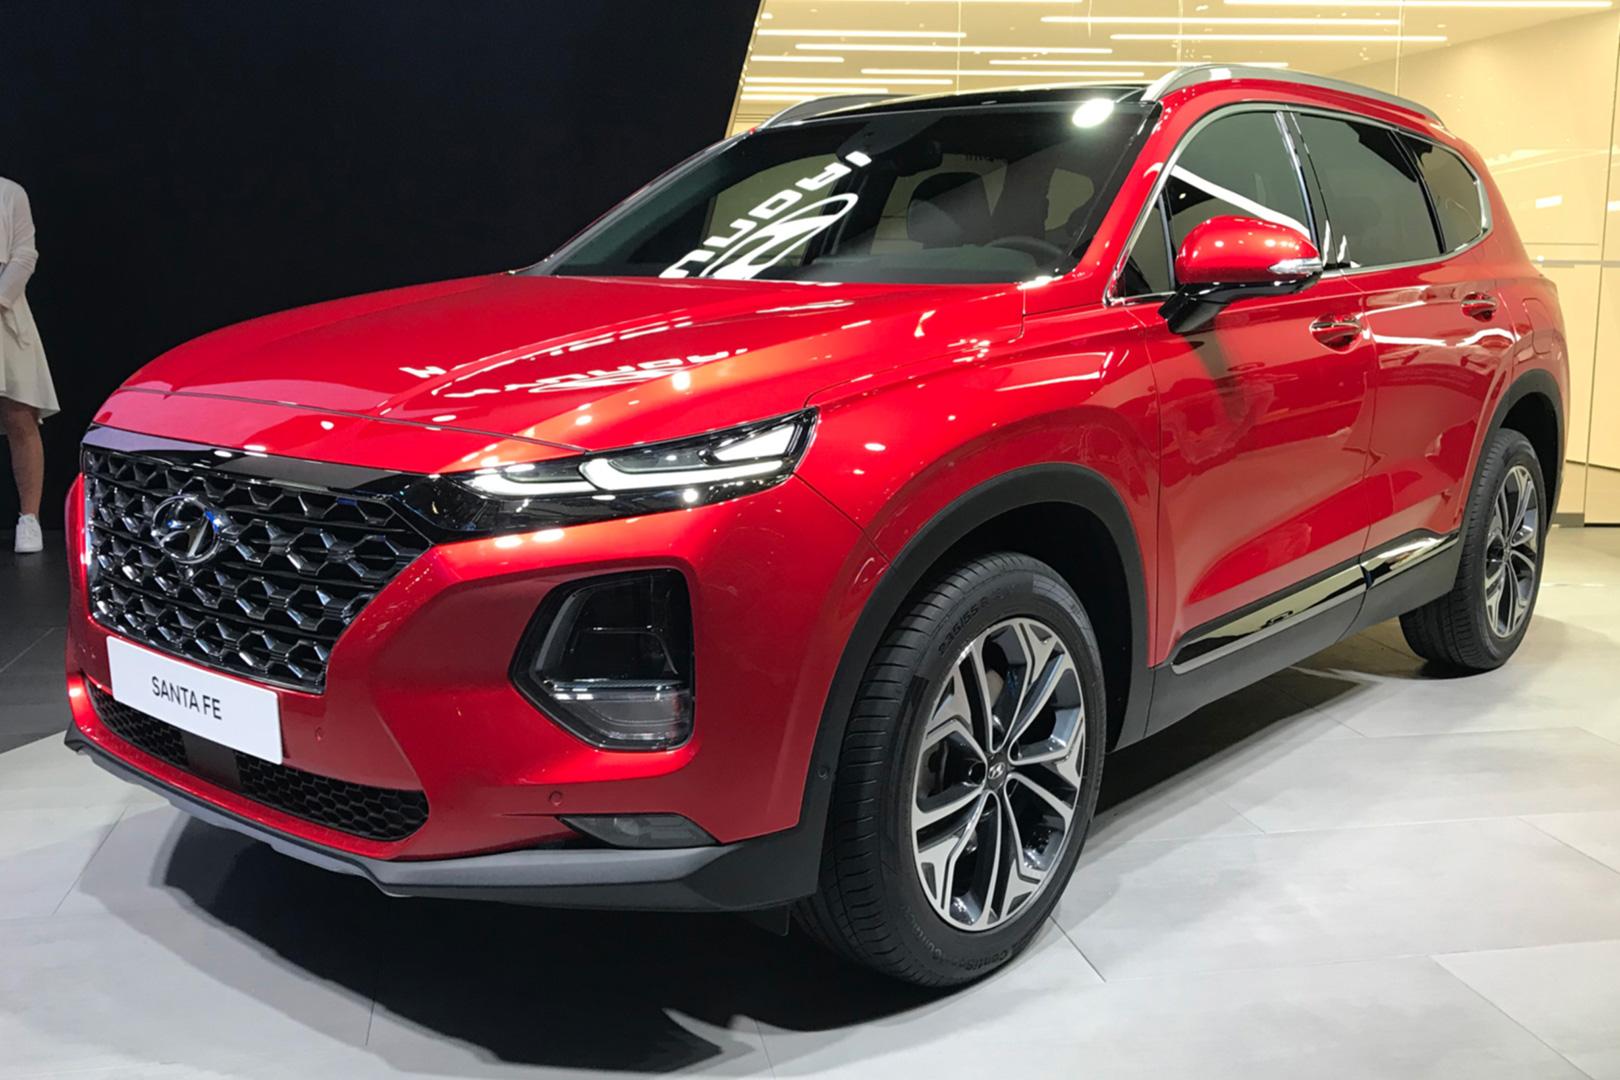 Женева 2018: европейская премьера абсолютно нового Hyundai Santa Fe